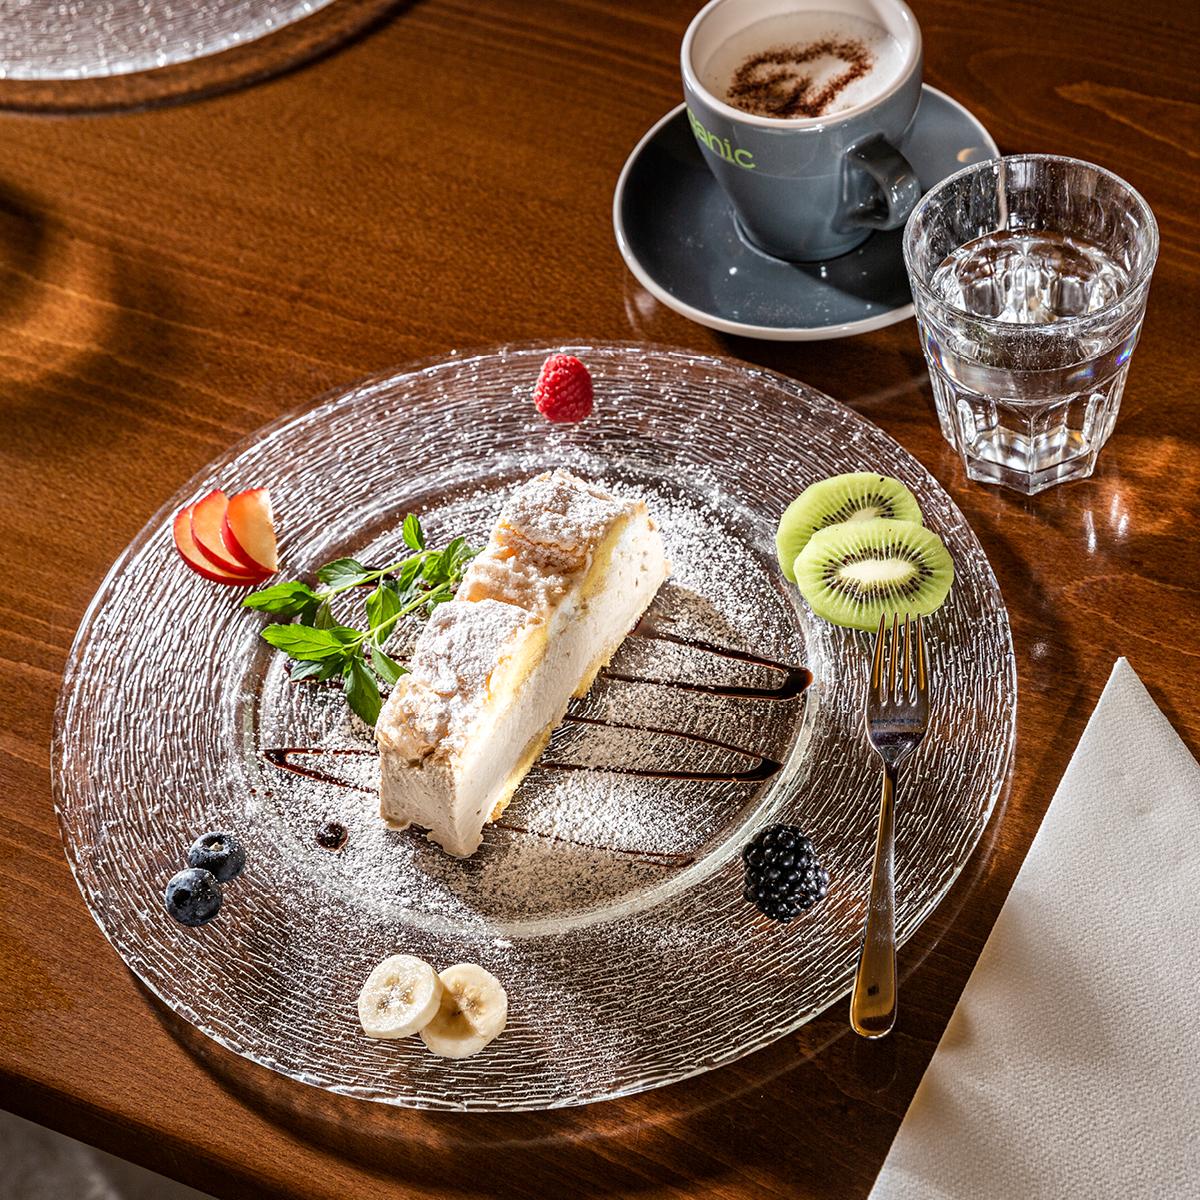 Das Bild zeigt eine schön garnierte Cremeschnitte mit einer Kaffeetasse daneben.